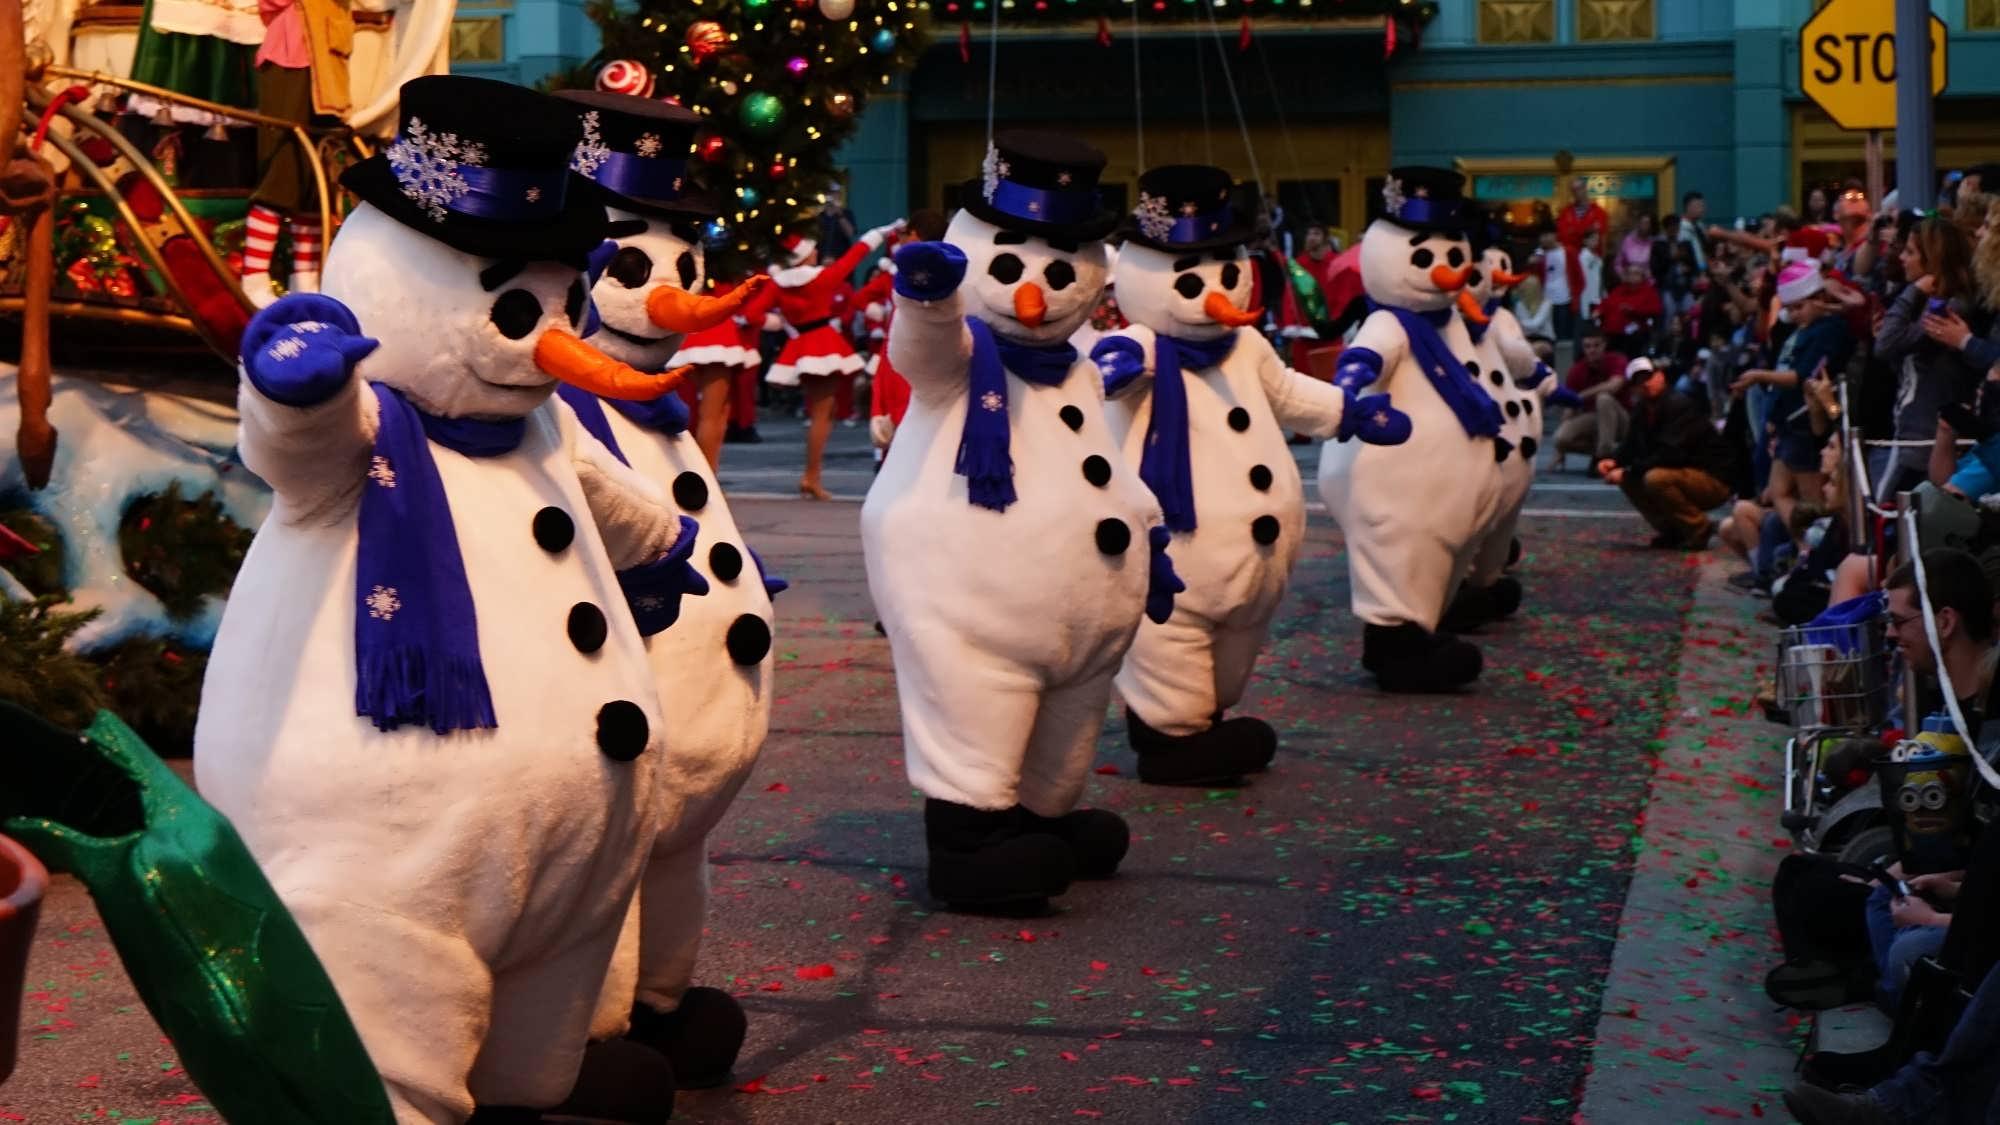 Macy's Holiday Parade at Universal Studios Florida.